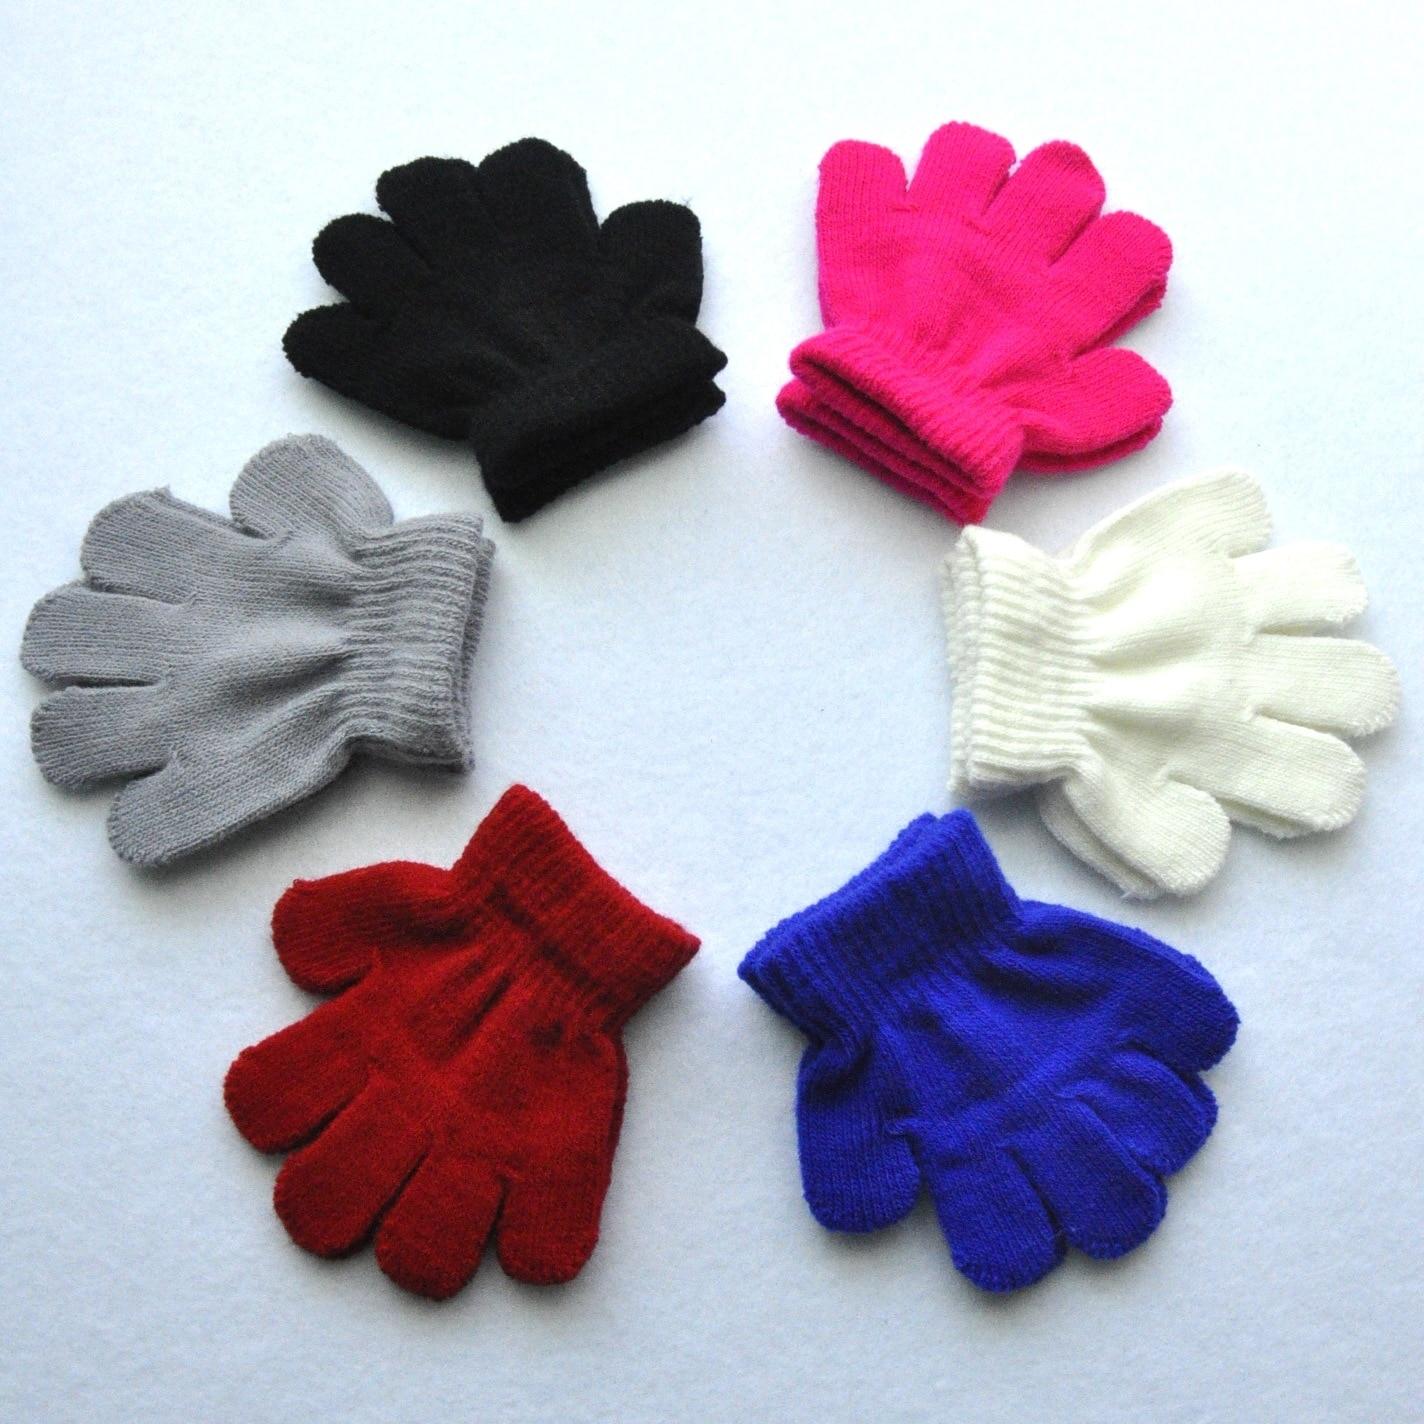 Детские зимние теплые перчатки на возраст 1-3 года, вязаные акриловые перчатки для маленьких девочек и мальчиков и малышей KF198